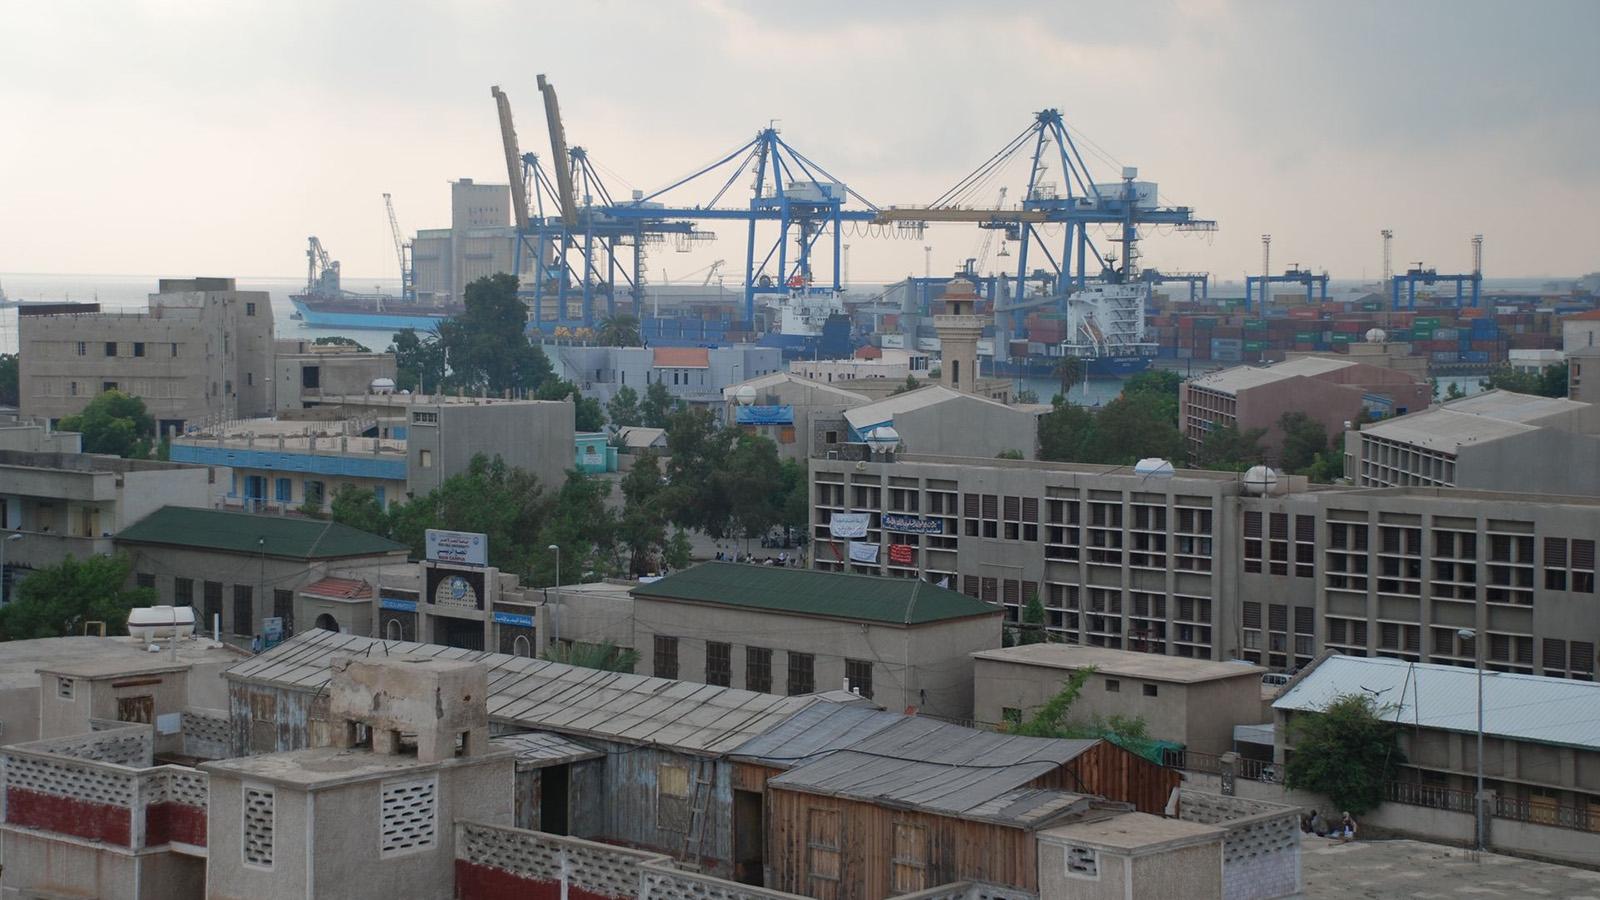 Судан не запрашивал экономическую помощь за размещение базы ВМФ России Весь мир